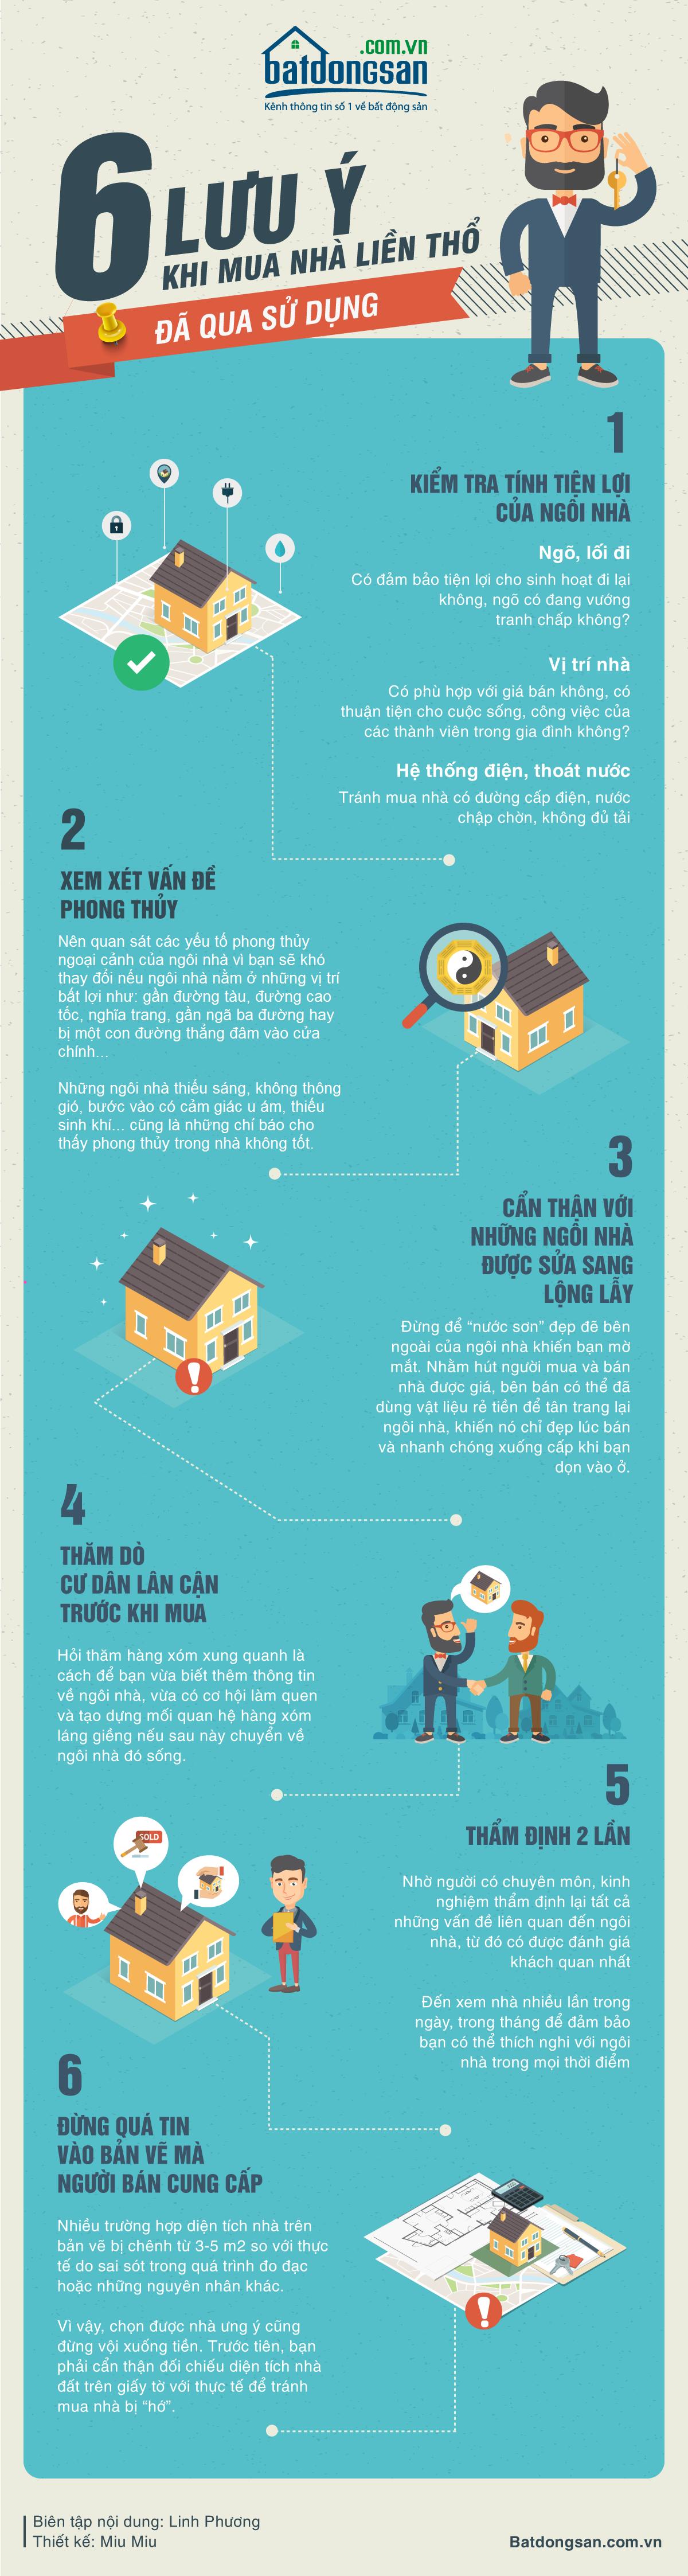 Thiết kế infographic nền xanh, icons ngôi nhà, người, chữ trắng